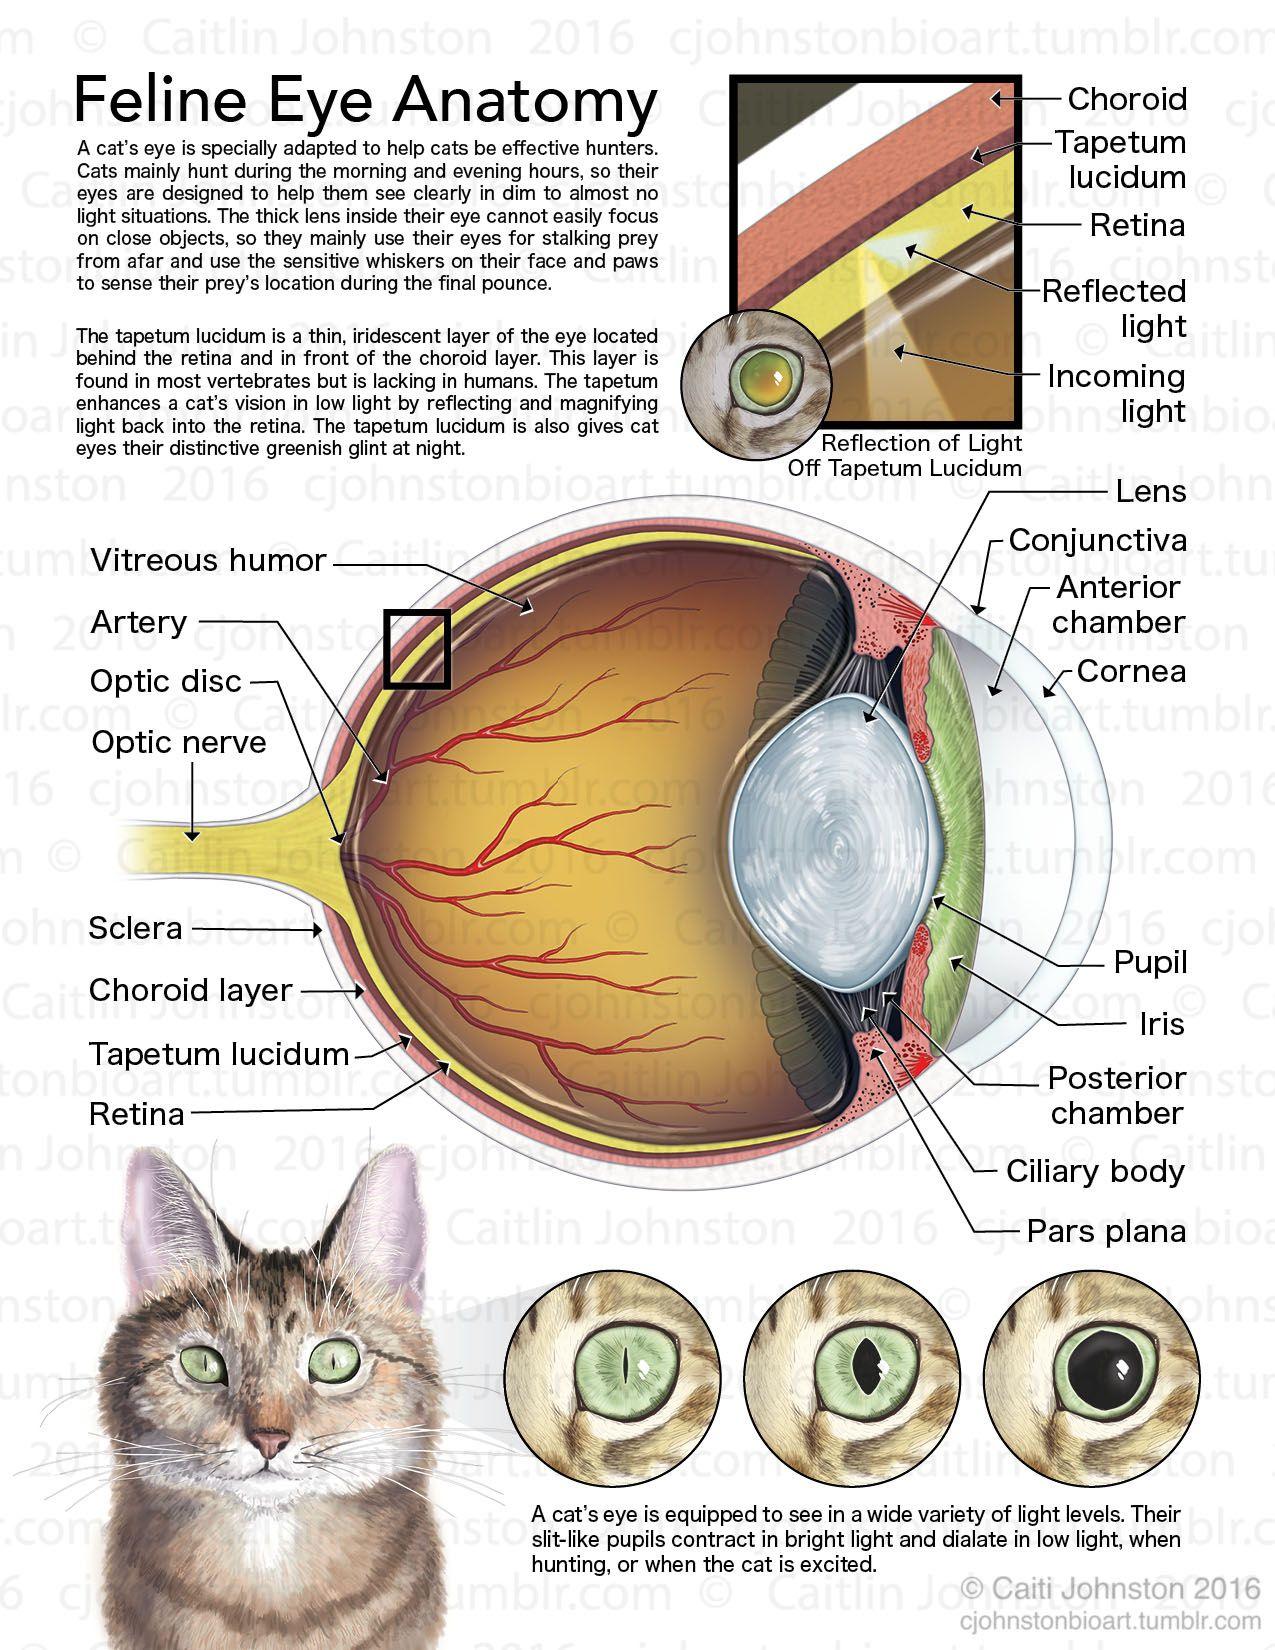 small resolution of cjohnstonbioart u201c feline eye anatomy 2016 u201d anatom a de rh pinterest com diagram of the outer eye dog brain anatomy diagram